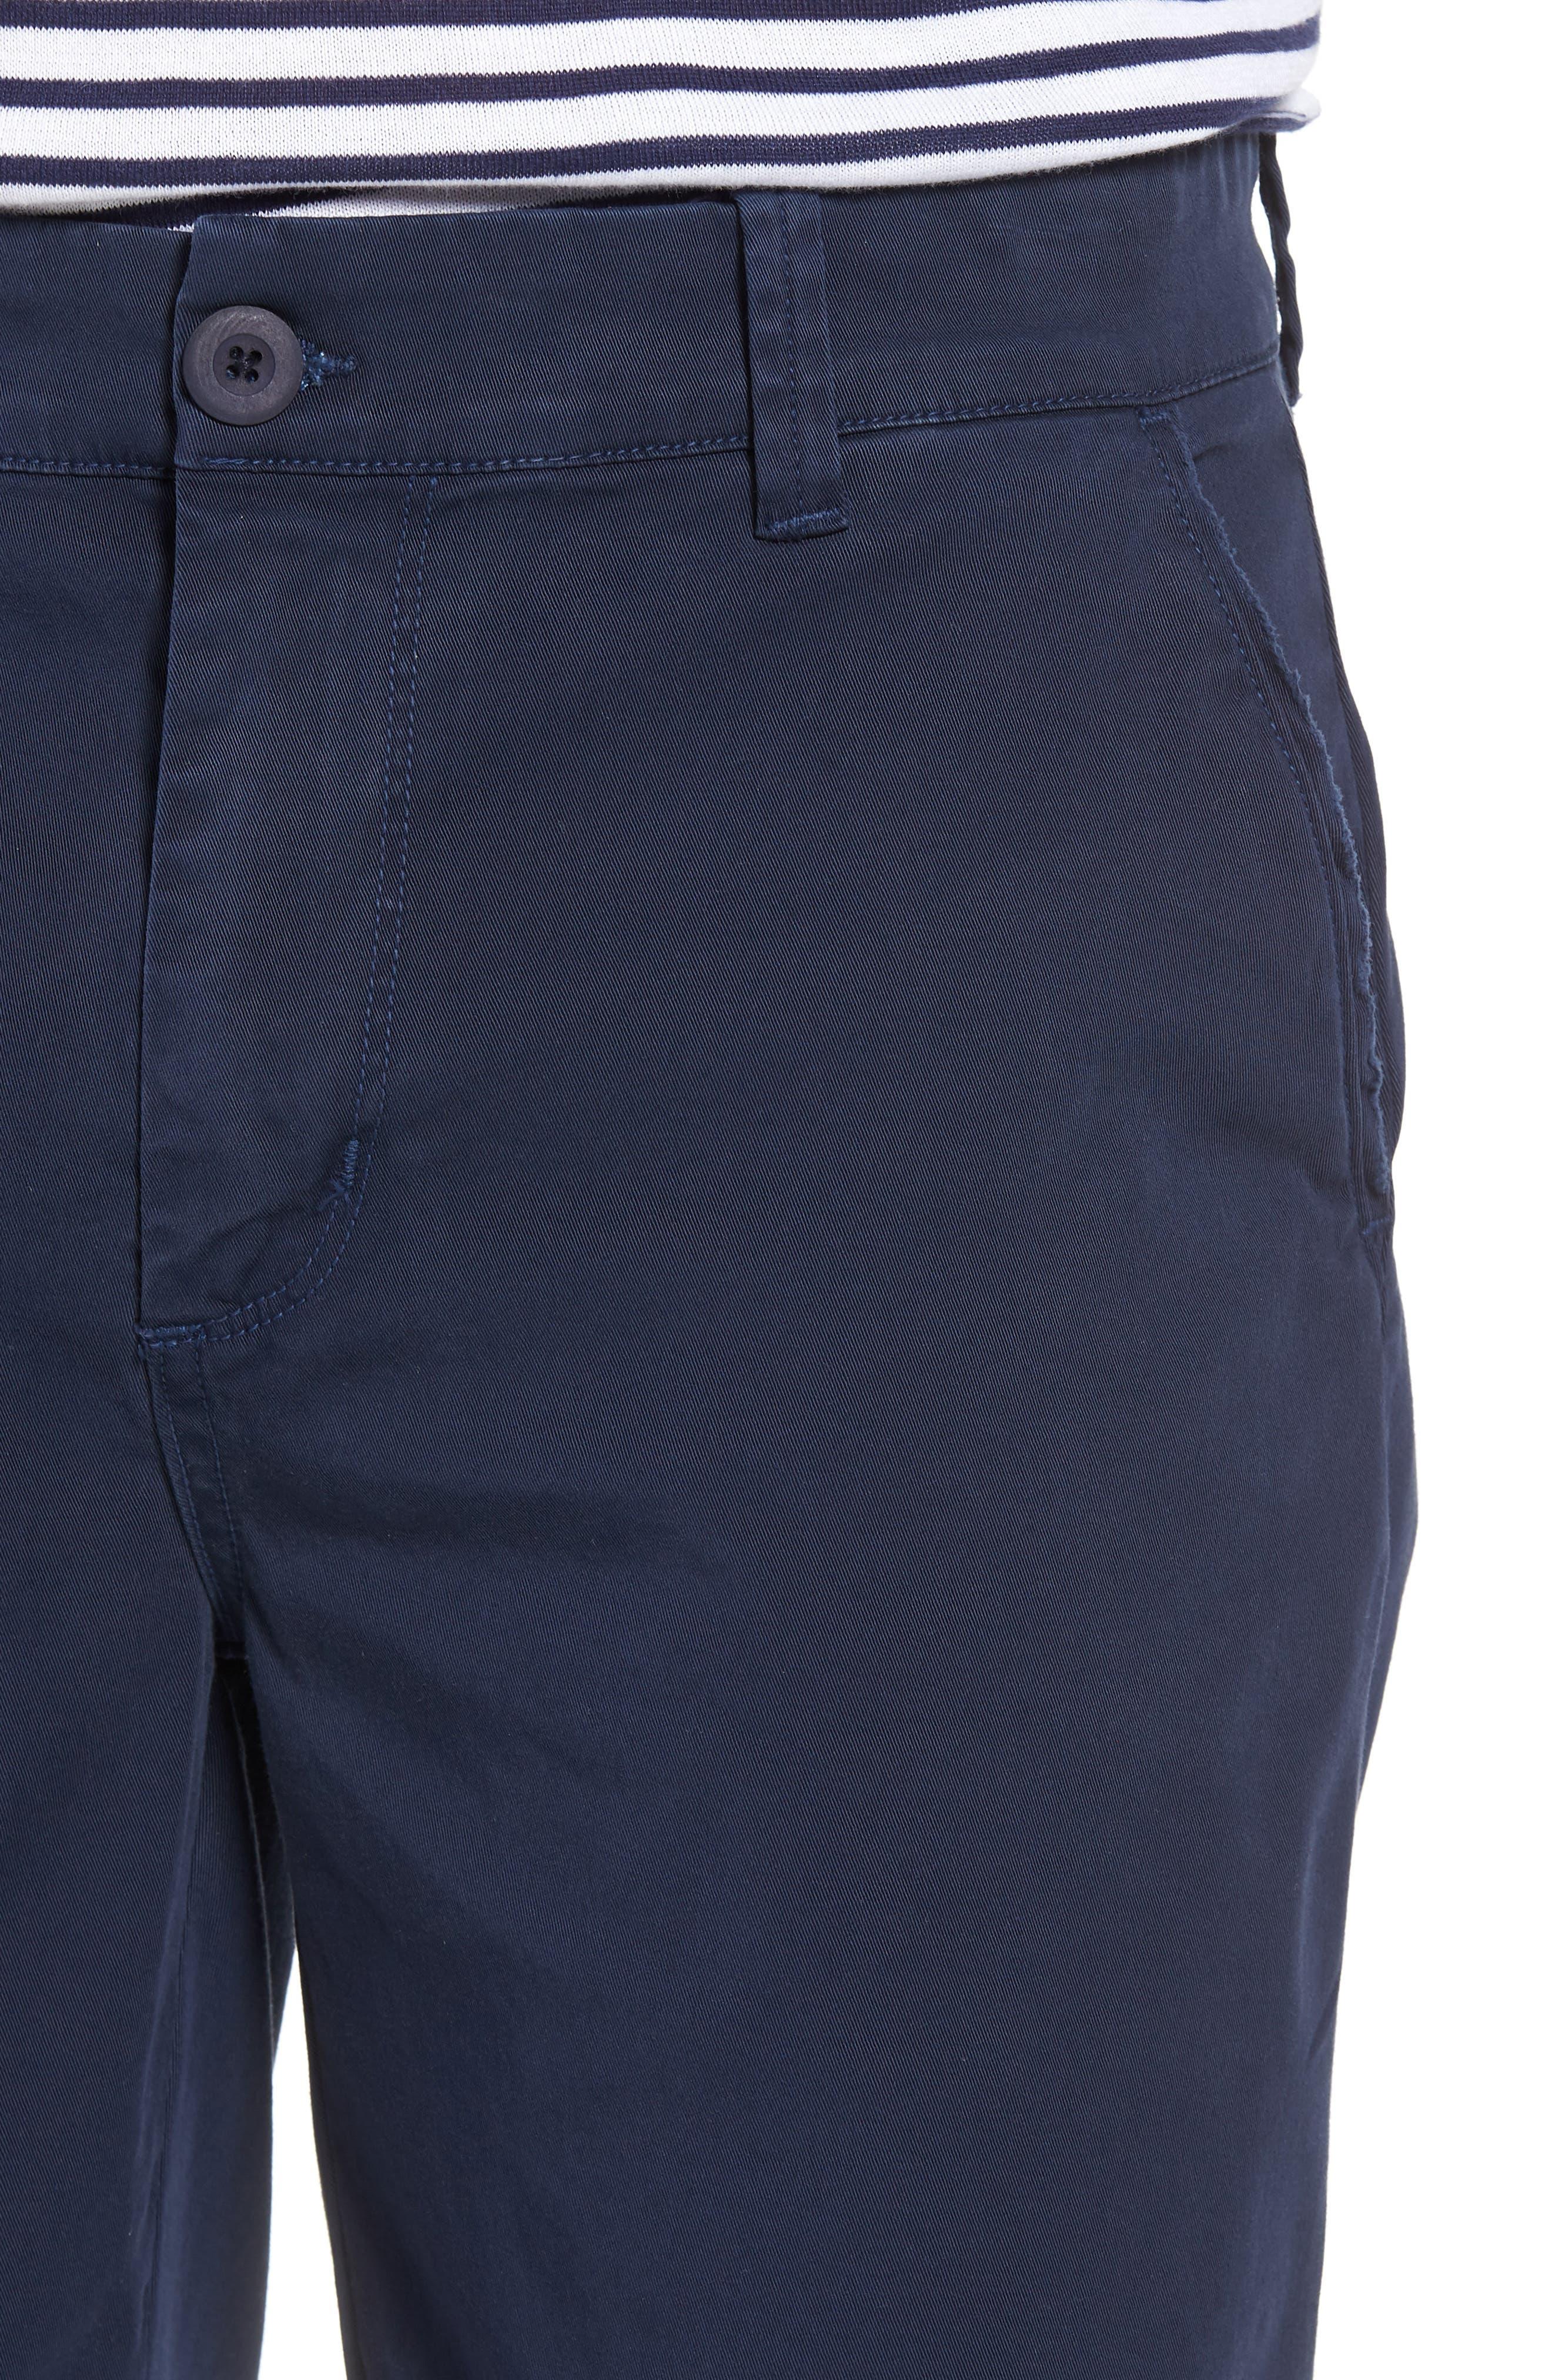 Hudson Clint Chino Shorts,                             Alternate thumbnail 4, color,                             Navy